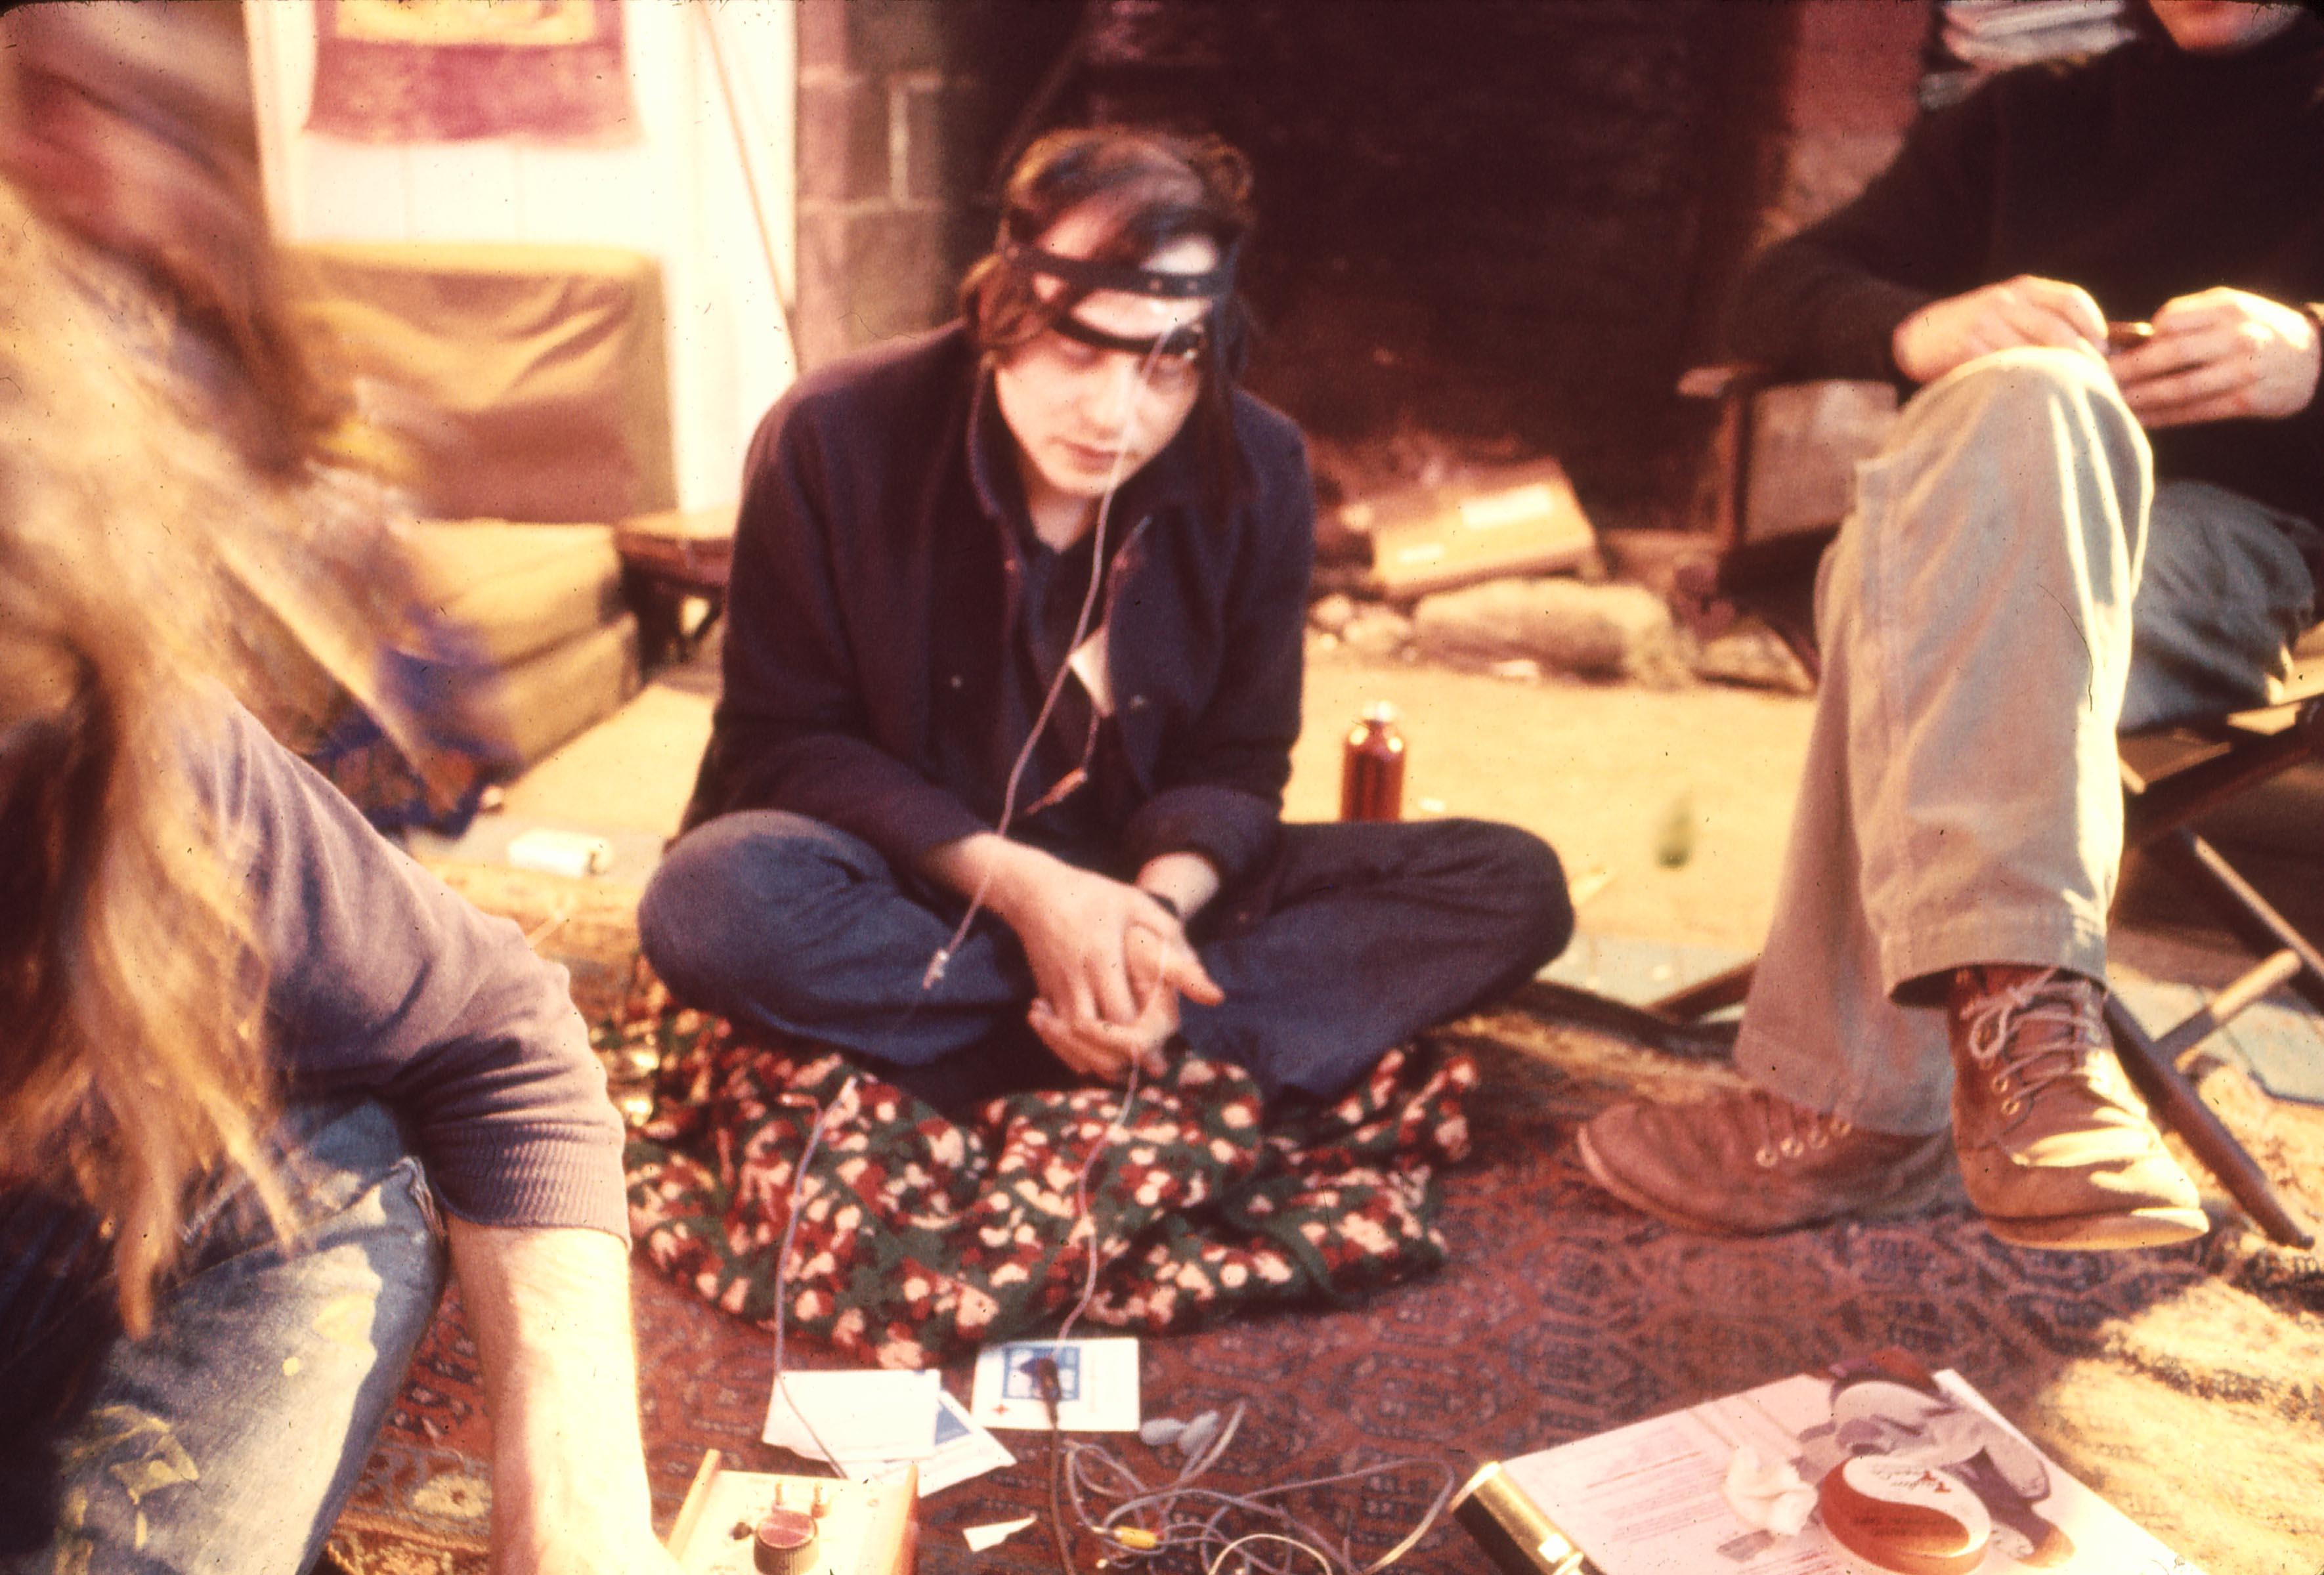 Serge Tcherepnin, brainwave experiments at Harmony Ranch, 1970